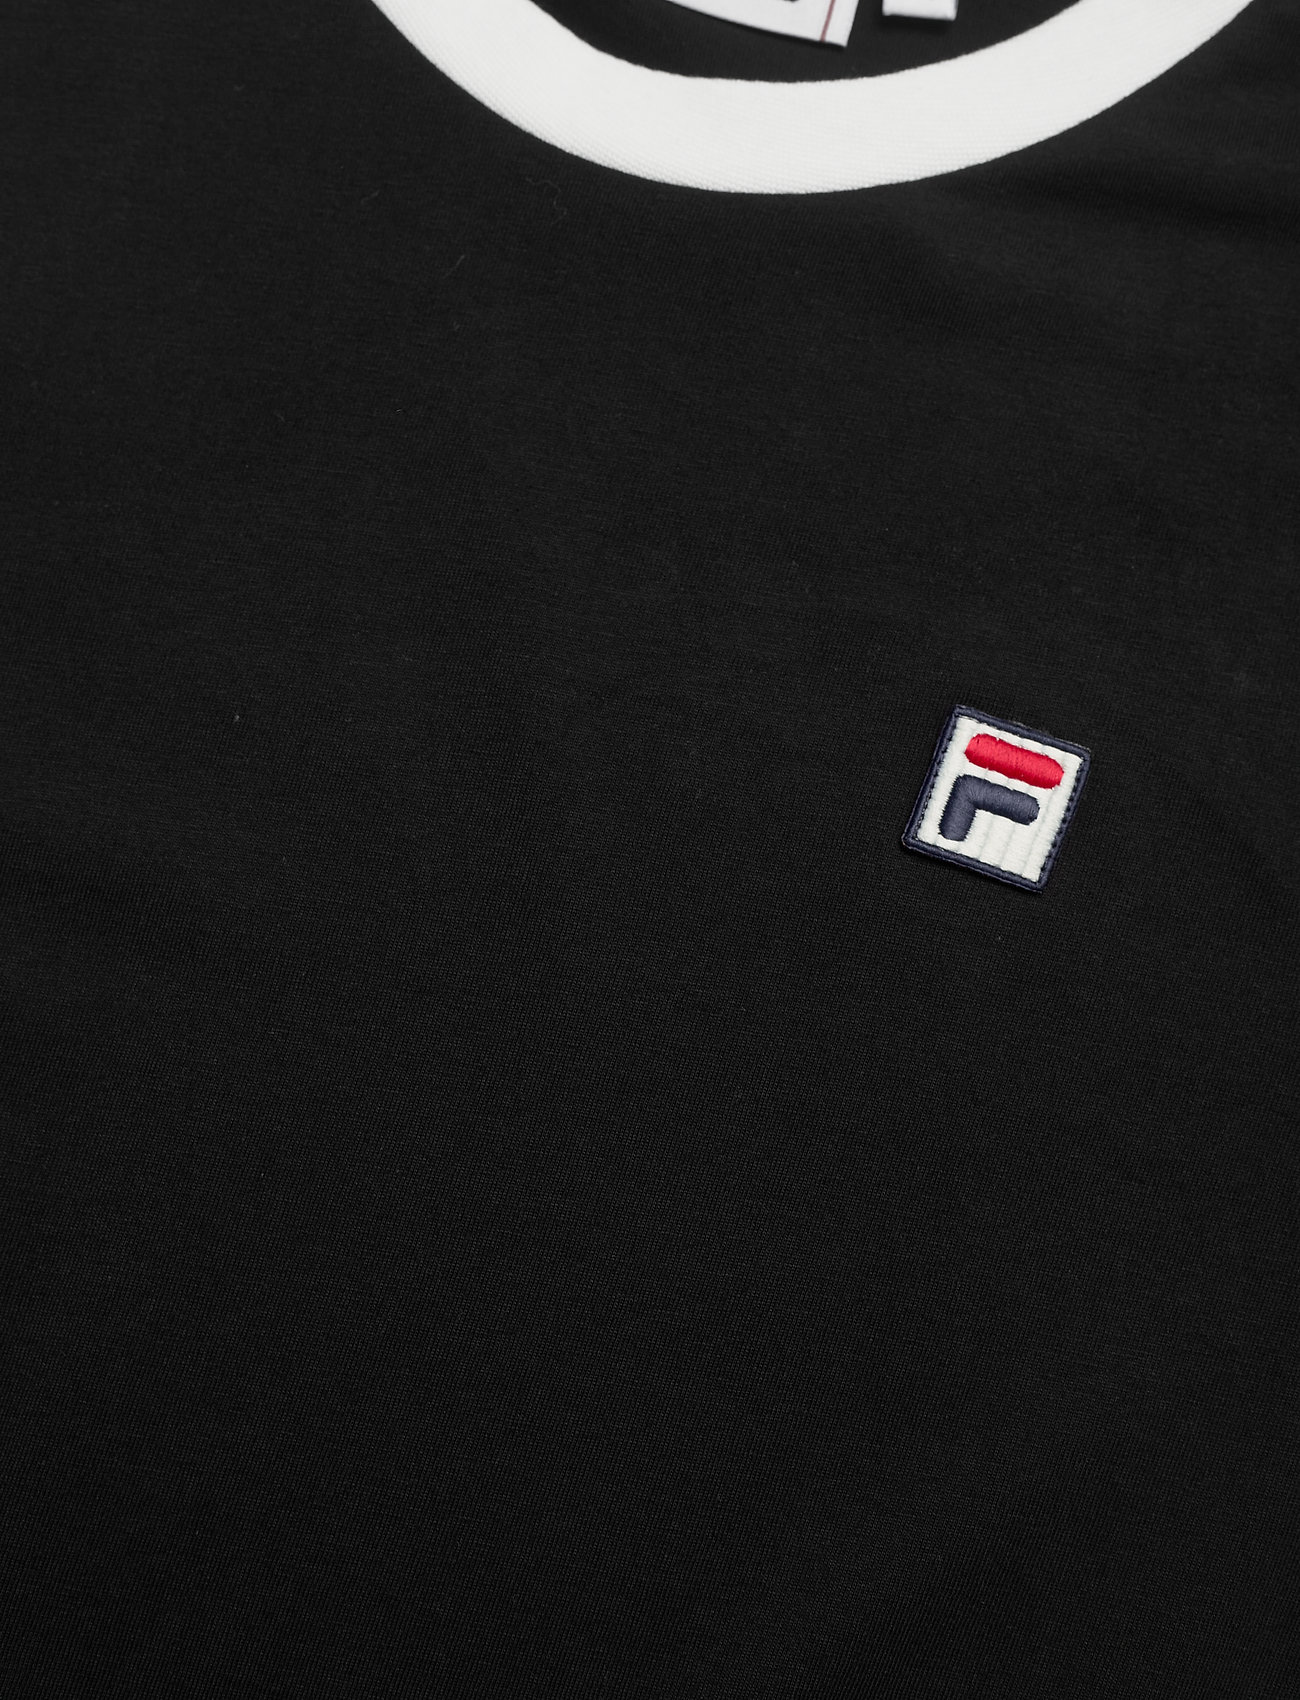 FILA MEN WARD ringer tee - T-skjorter BLACK-BLANC DE BLANC - Menn Klær